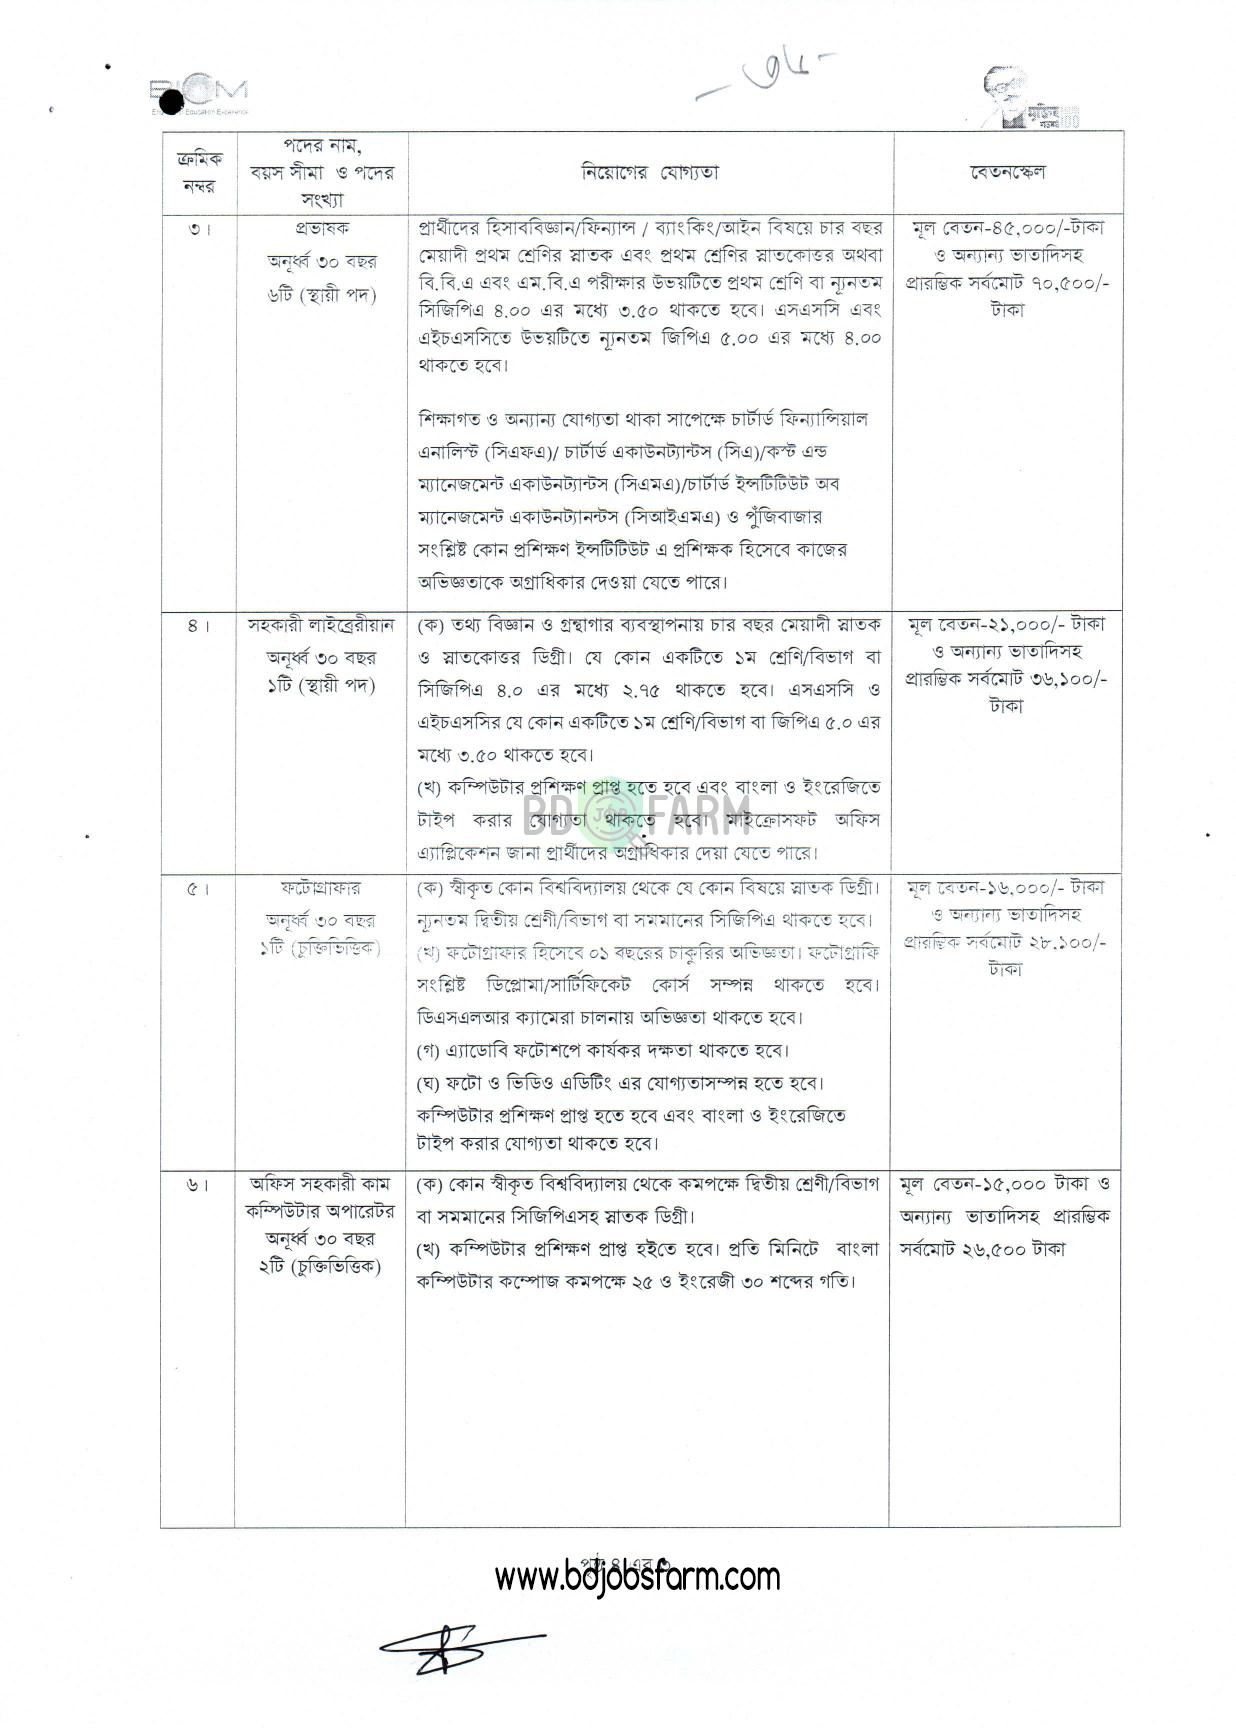 বাংলাদেশ ইন্সটিটিউট অব ক্যাপিটাল মার্কেট নিয়োগ বিজ্ঞপ্তি